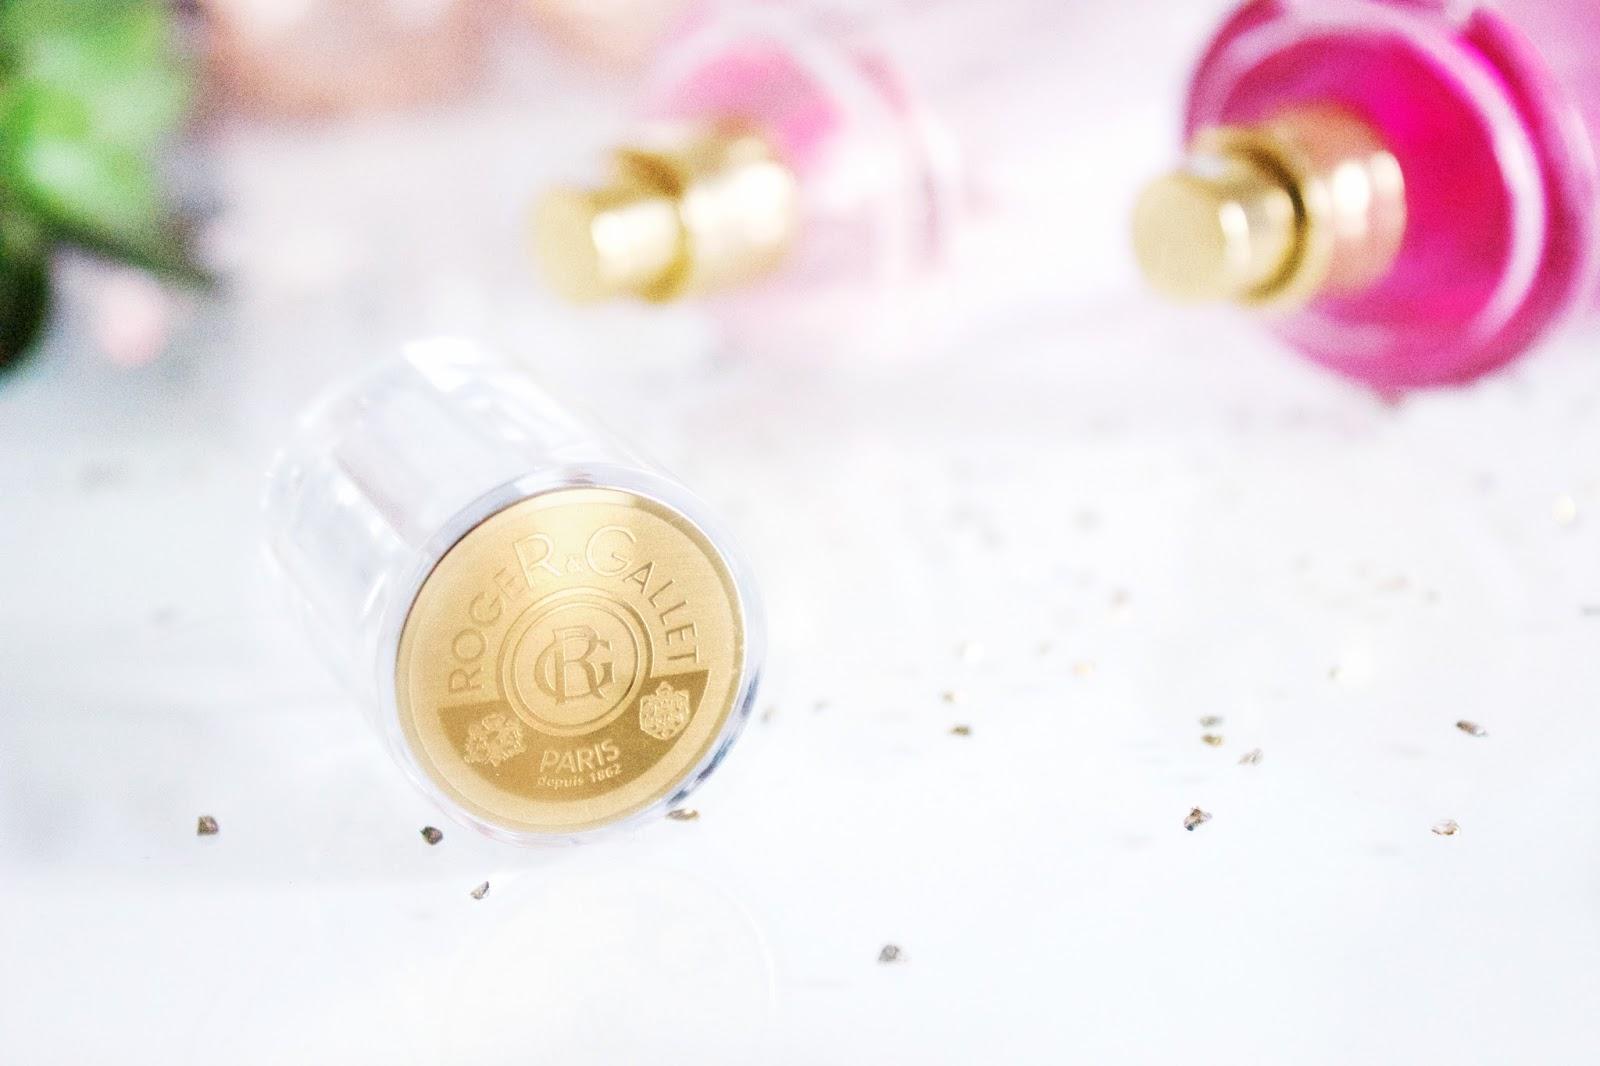 eaux-parfumes-bienfaisantes-roger-gallet